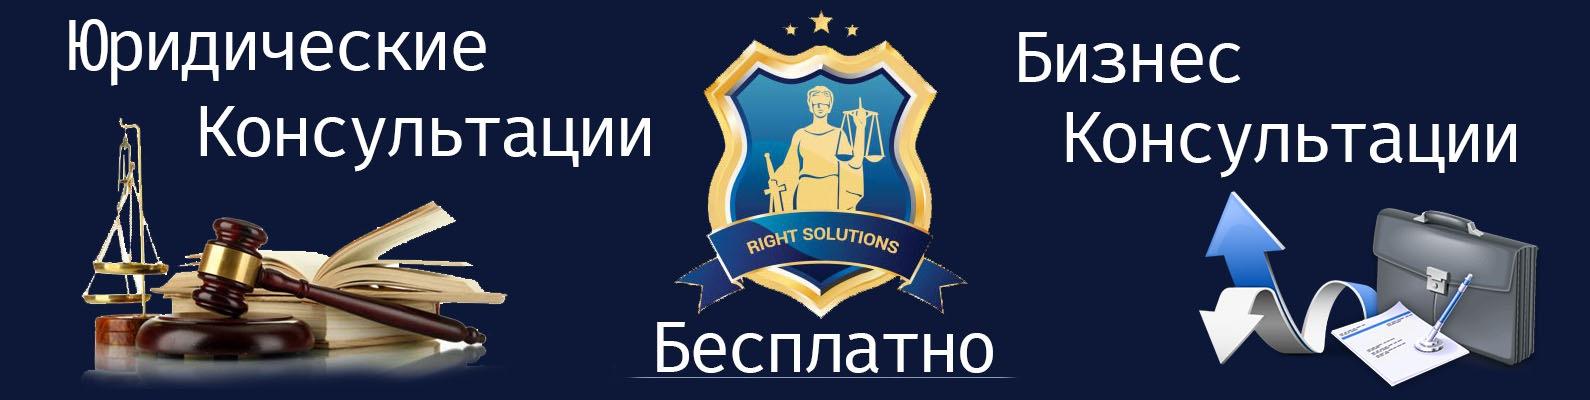 трудовое право юристы консультации